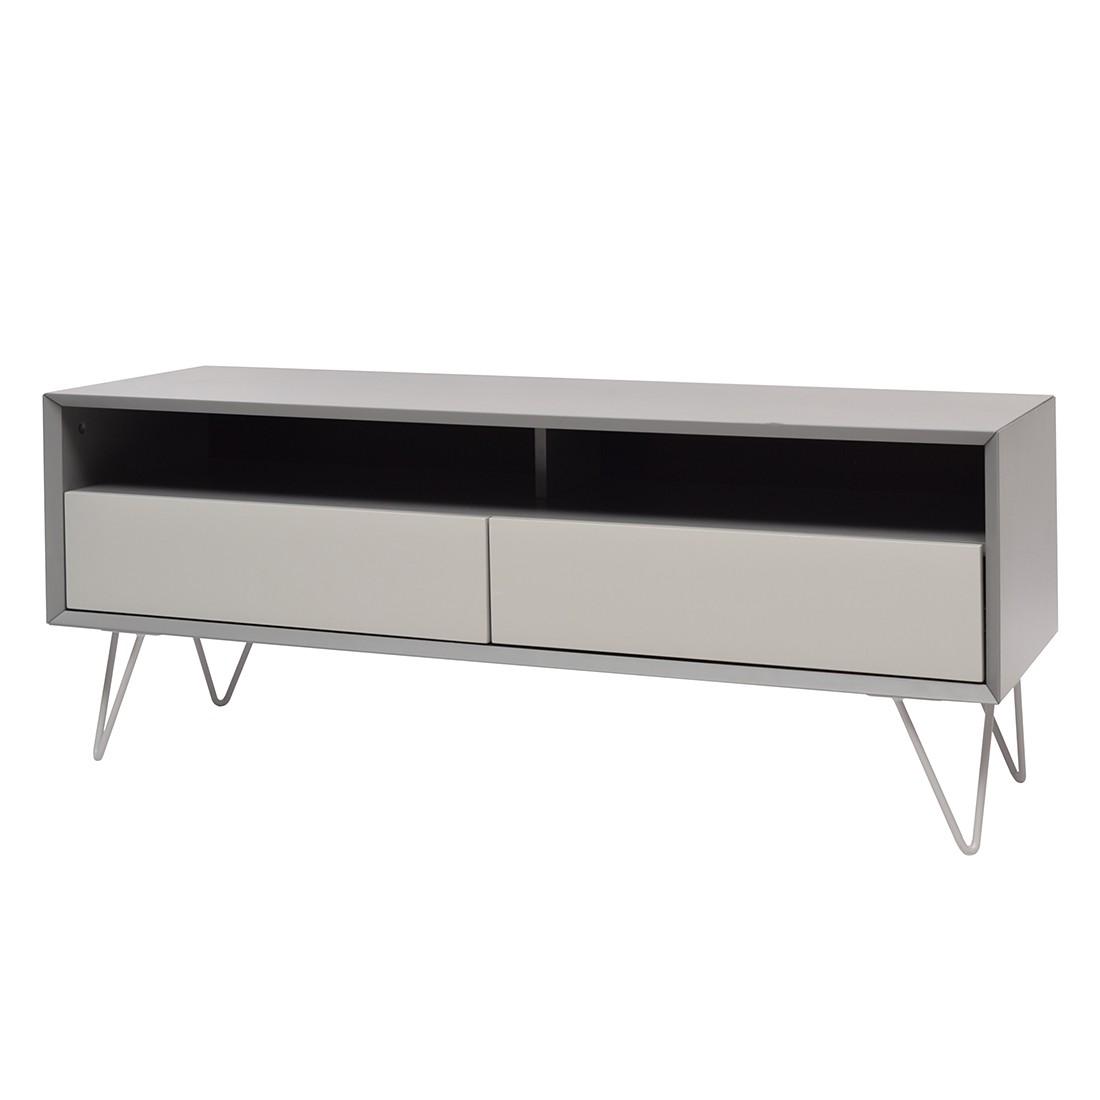 Meuble tv vintage 2 tiroirs et 1 niche mdf verni for Meuble tv gris fonce